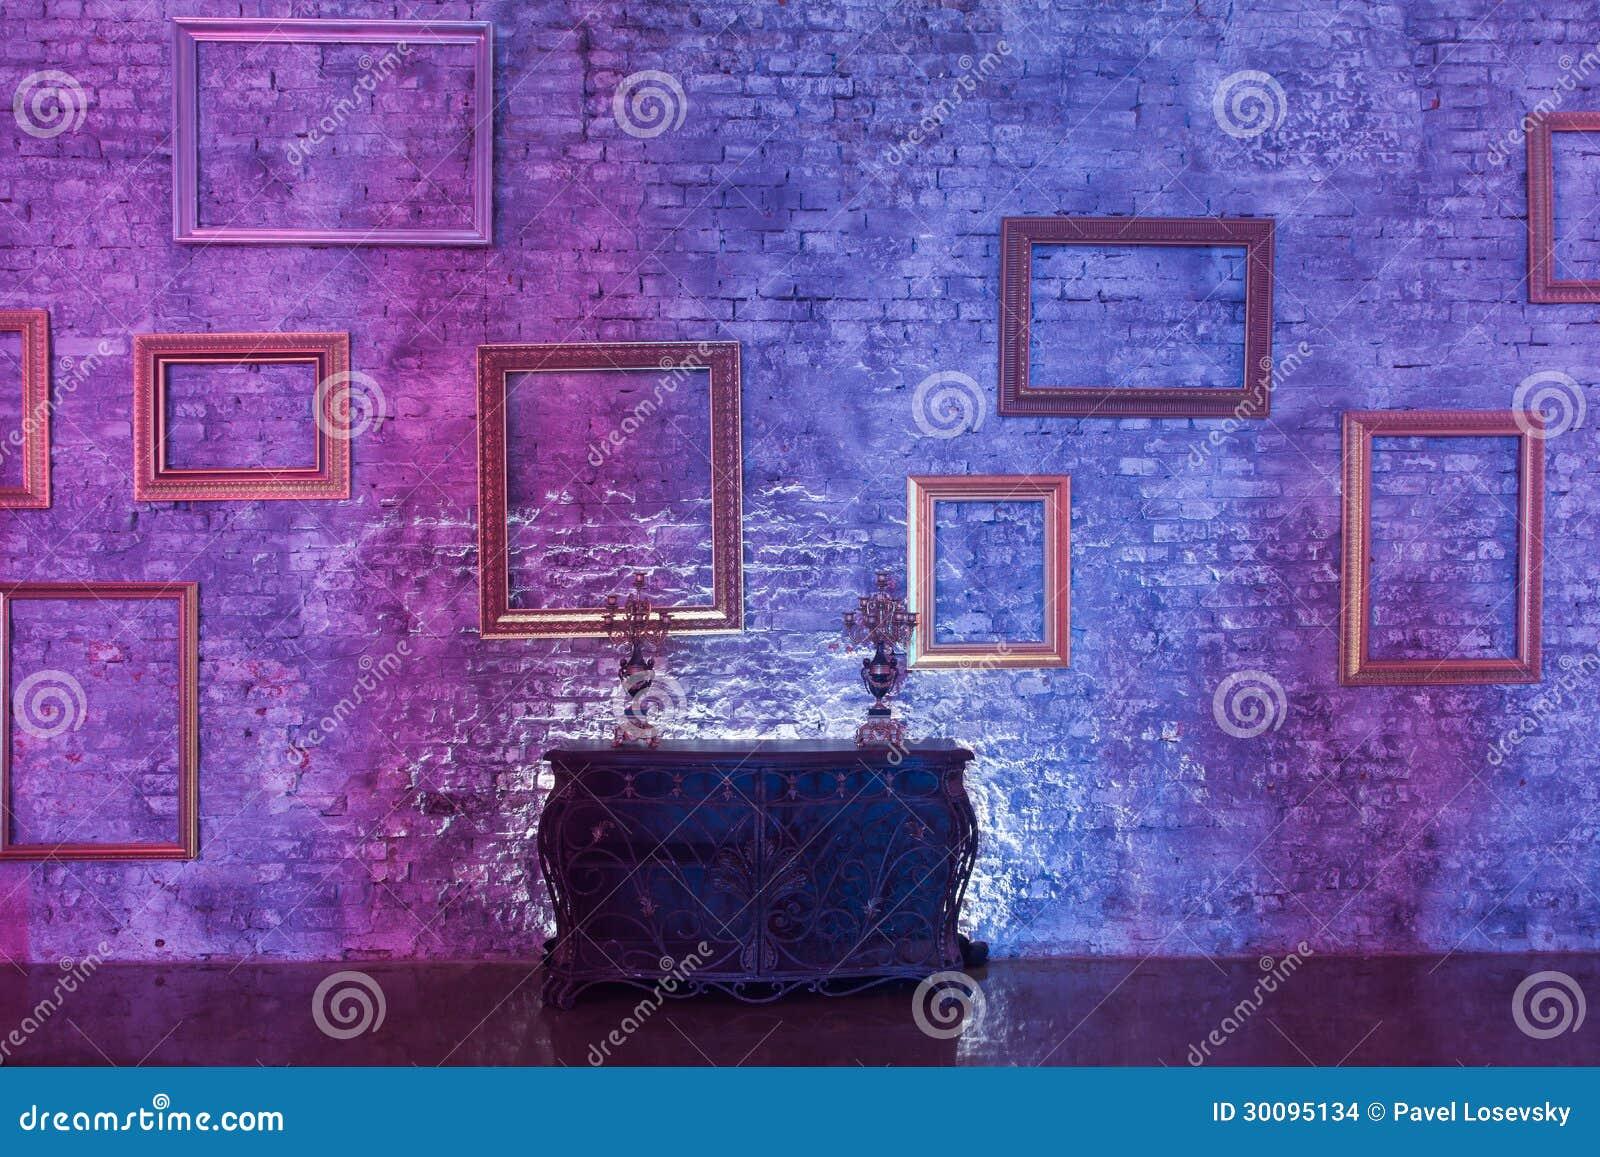 Cornici vuote sulla parete e sul torace immagini stock for Cornici muro